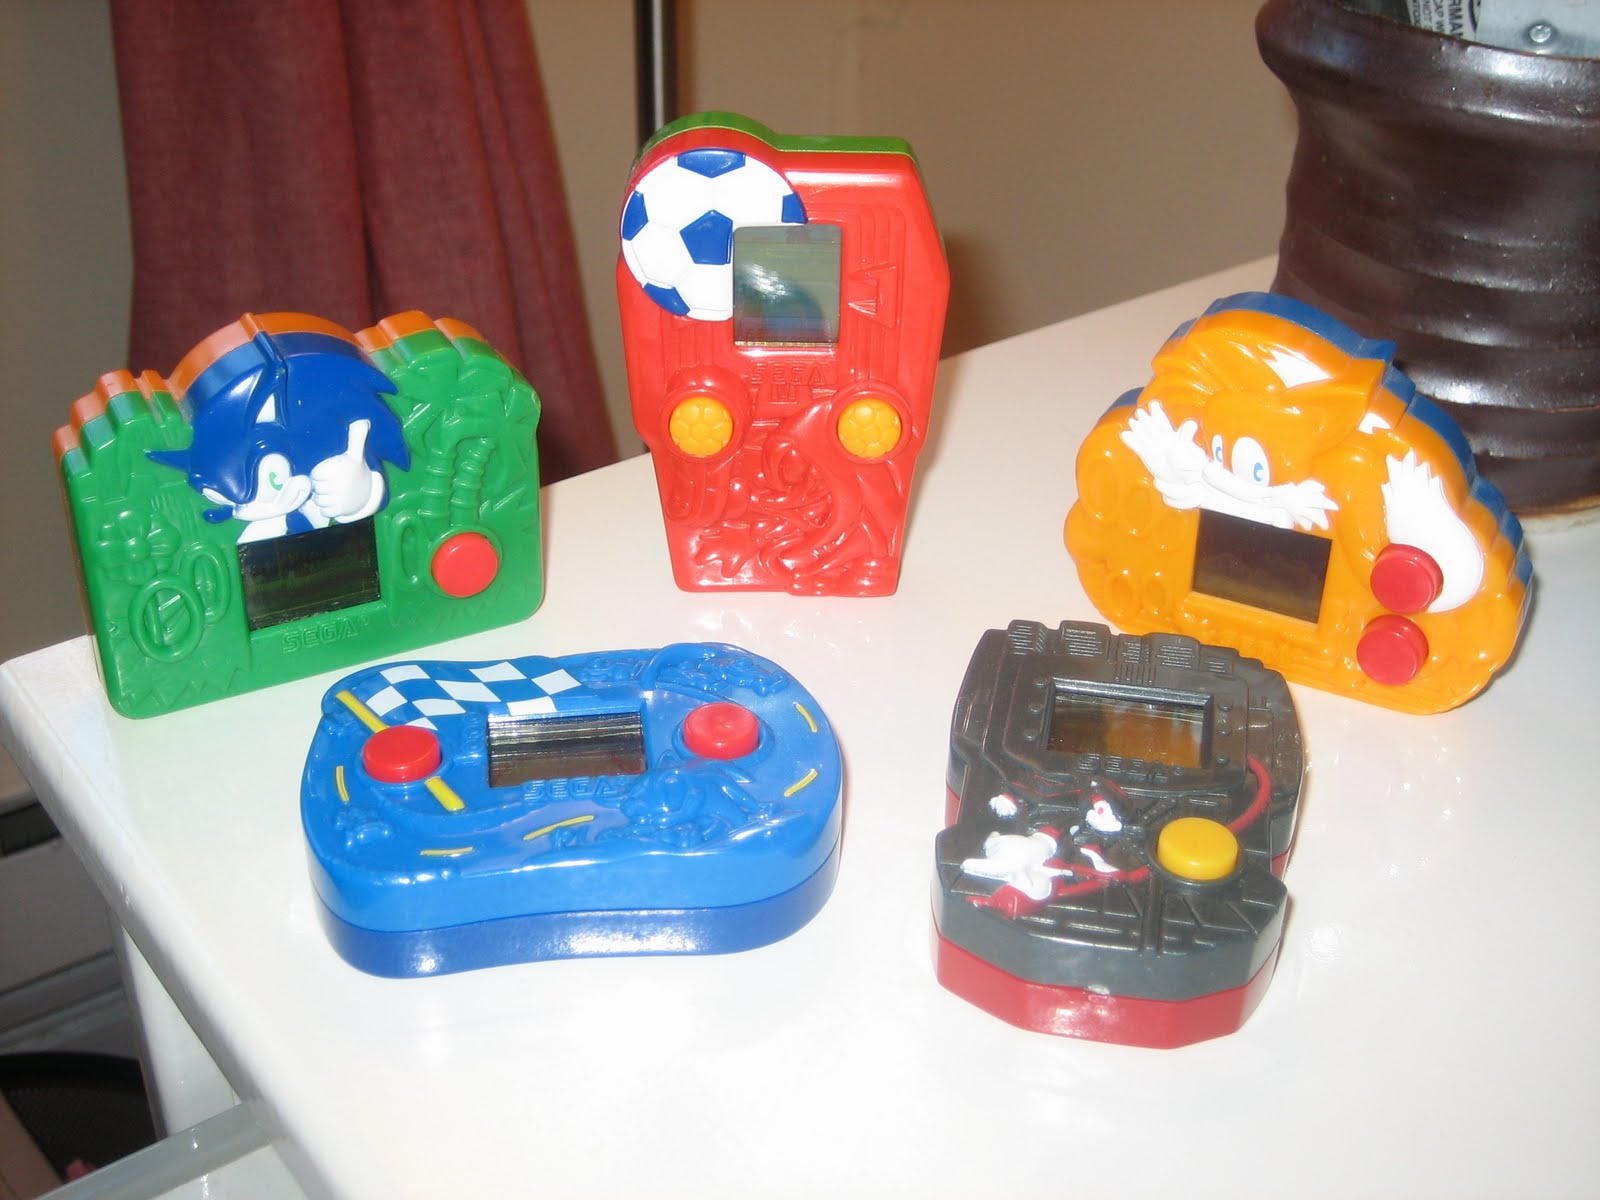 Zo waren er ineens videogames van Sonic in je Happy Meal!